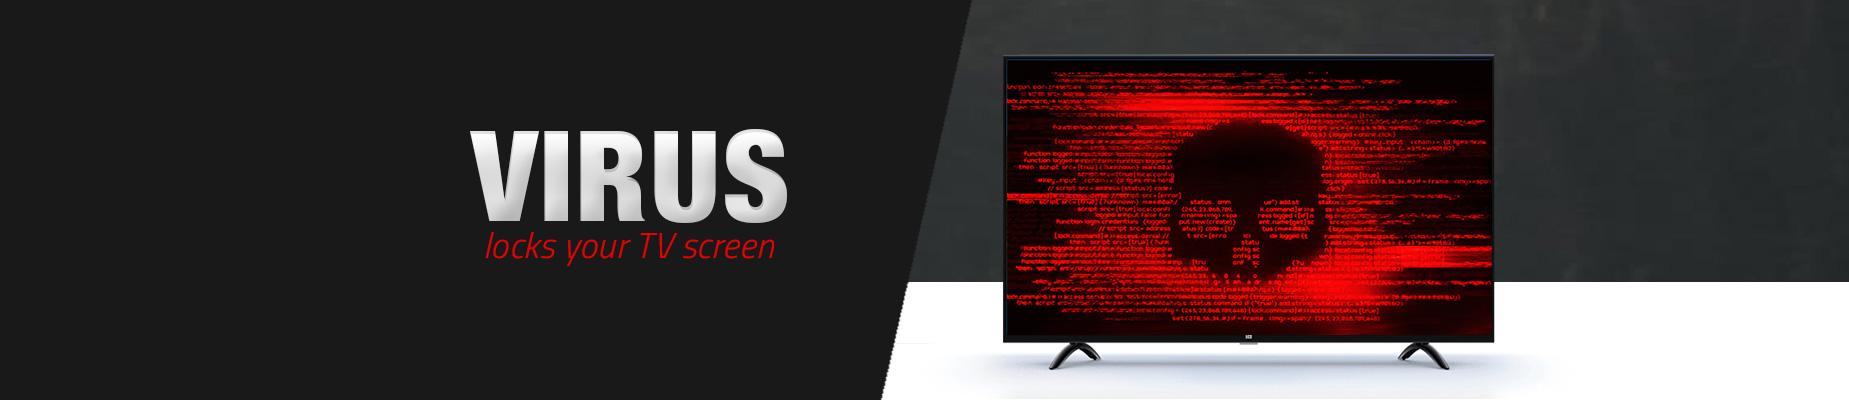 Flocker virus locks your TV screen